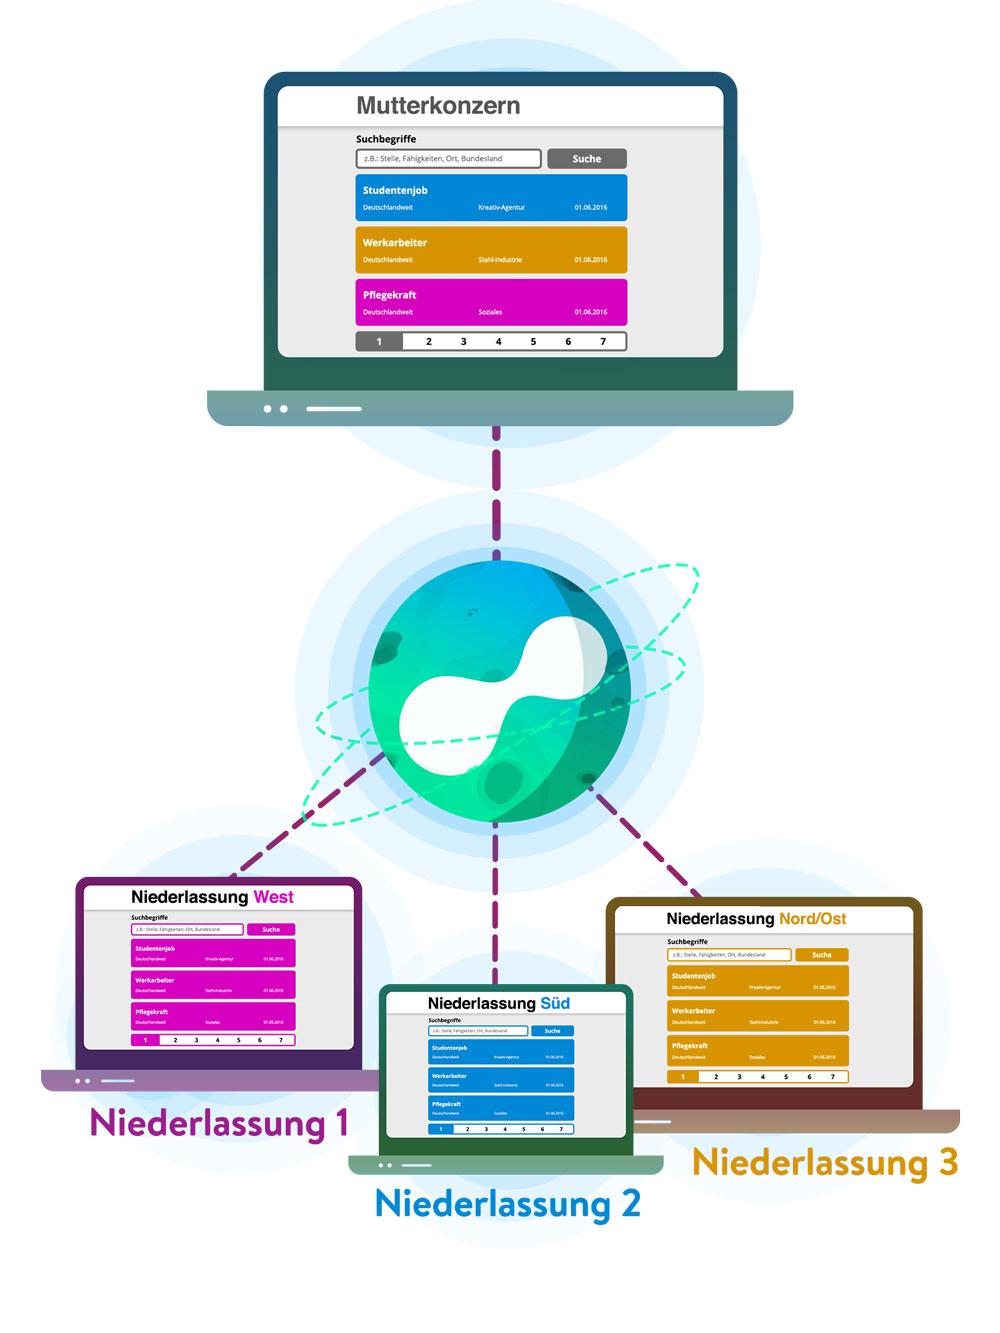 Connectoor-Mutterkonzern-Partnernetzwerk